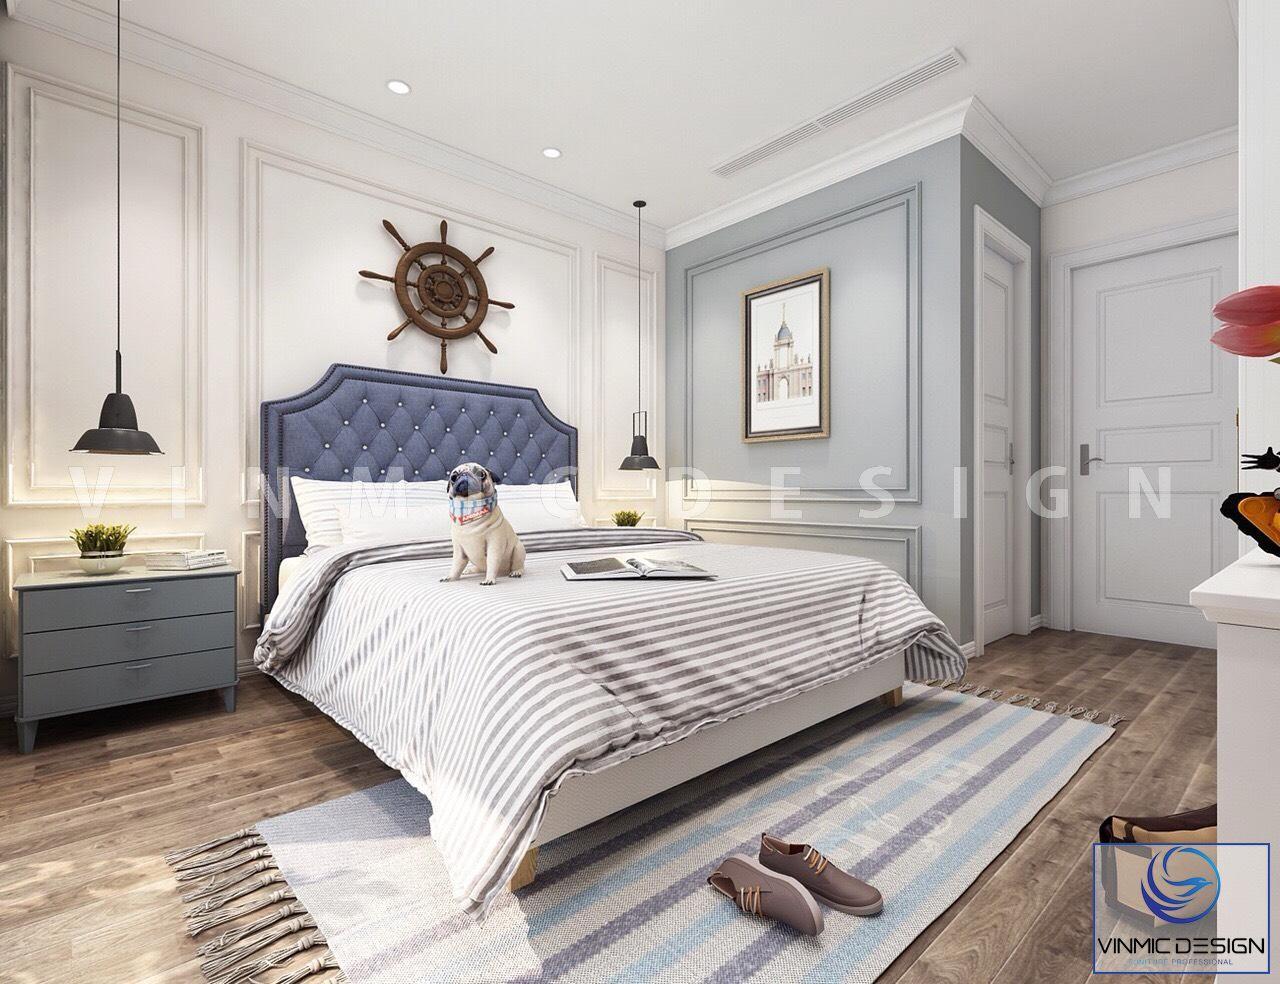 Thiết kế nội thất phong cách tân cổ điển với tone màu xanh biển cùng trang trí bánh lái tàu đầy ý nghĩa